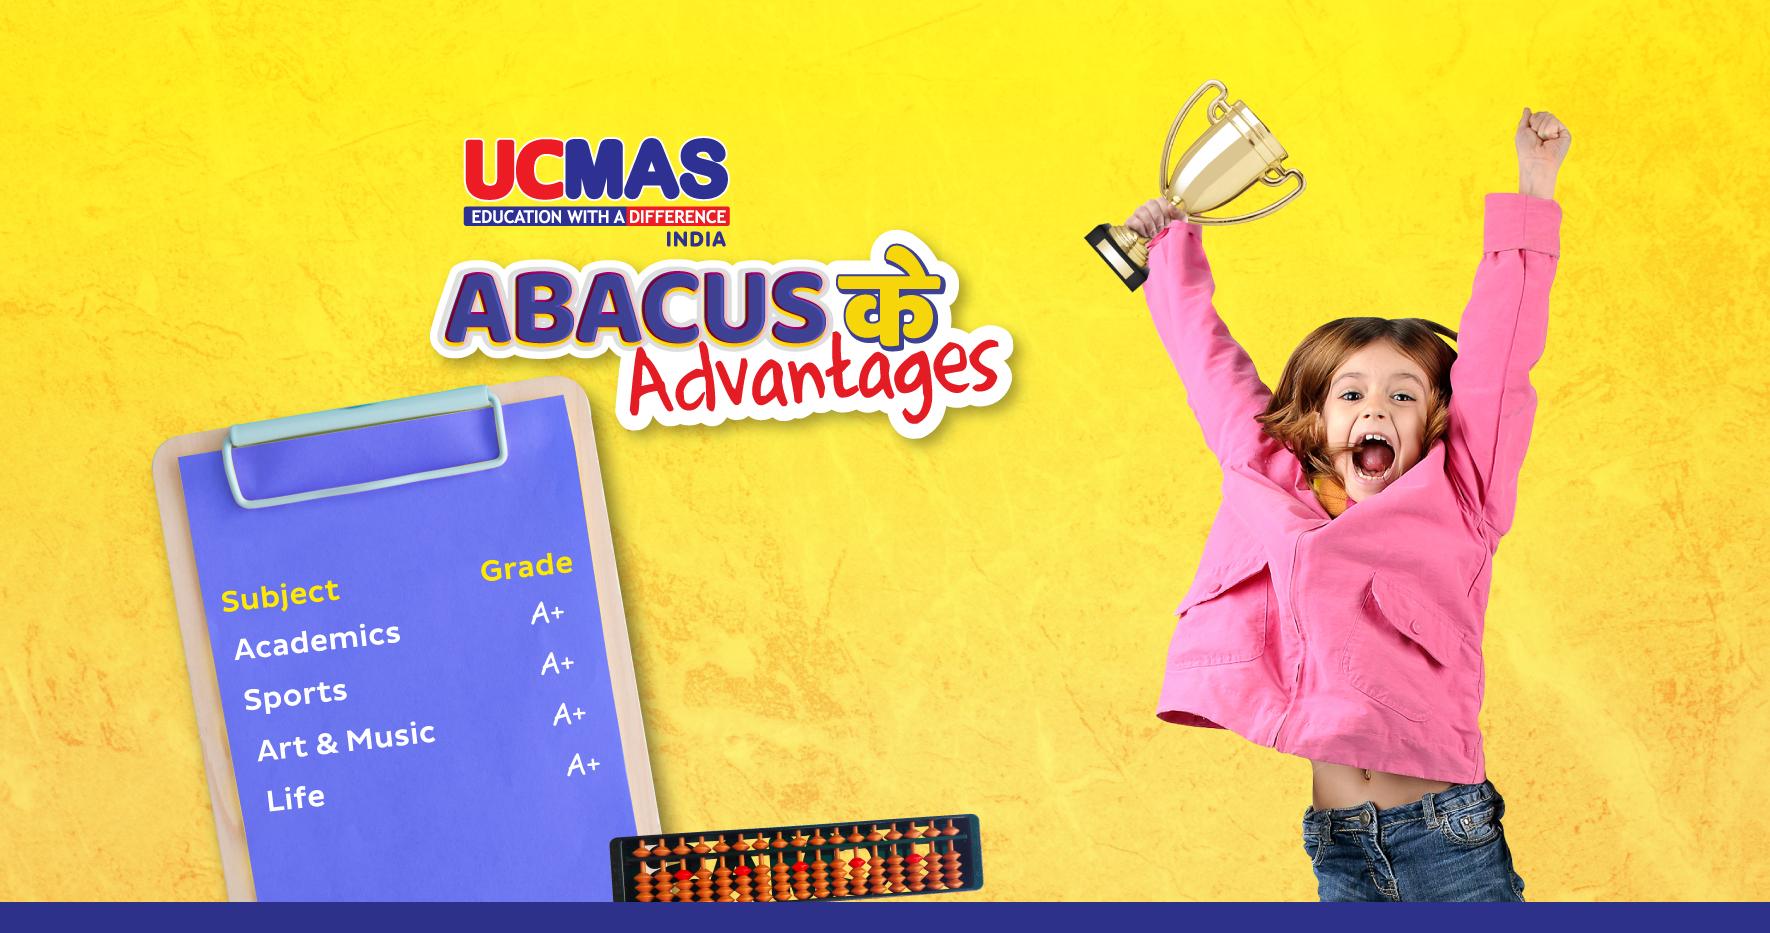 UCMAS_India_Blog-Image